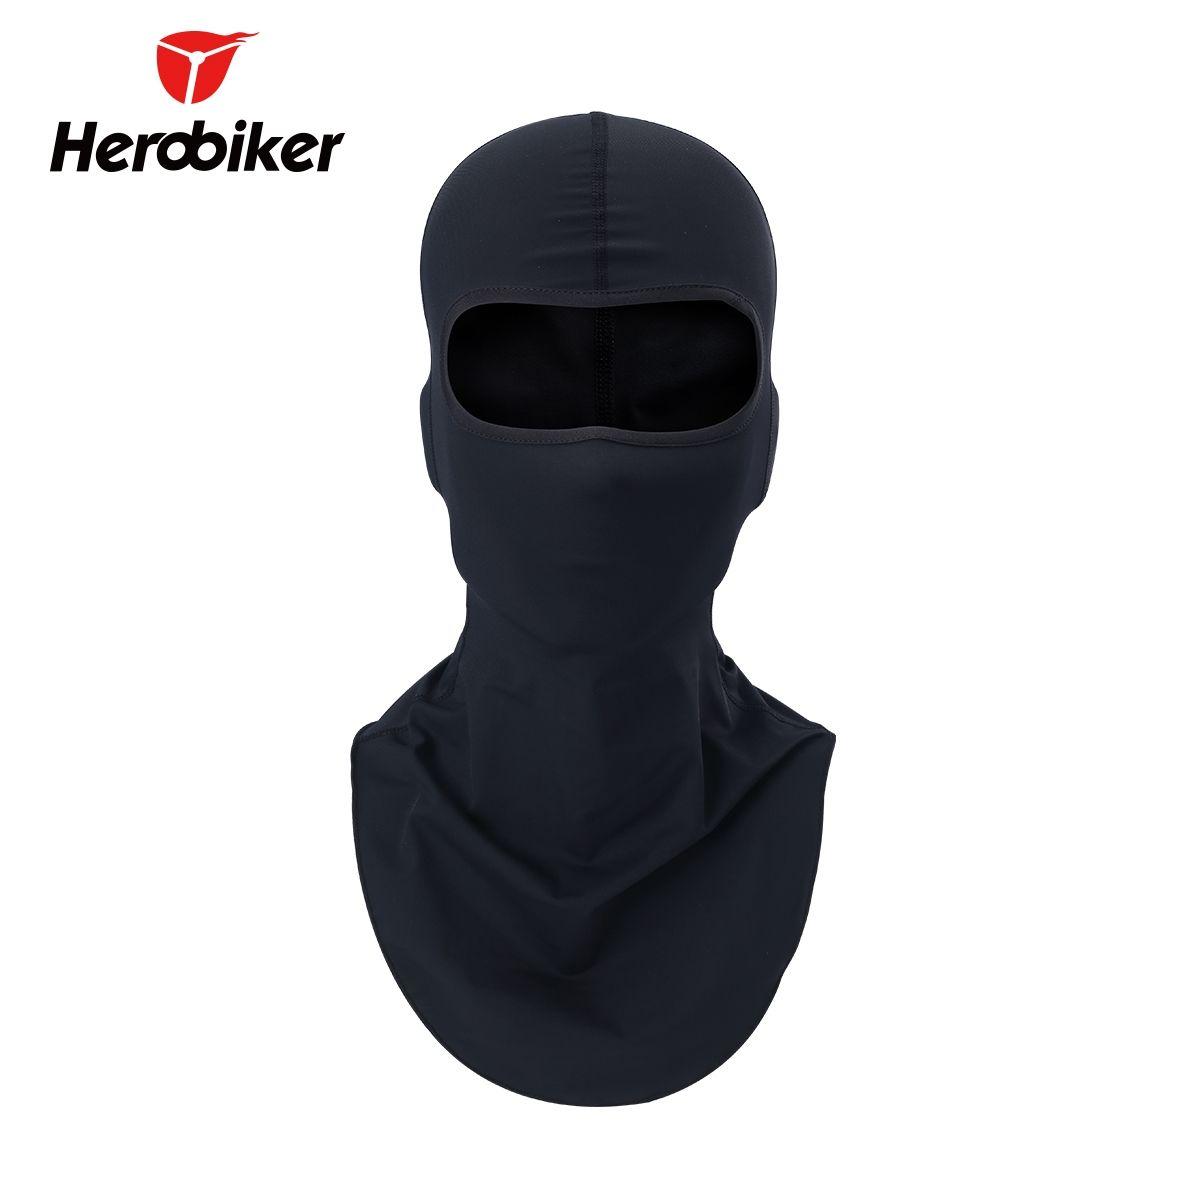 HEROBIKER black Motorcycle Balaclava Sports Biker Motorbike Neck Warmer Sun-protection Headwear Full Face Mask Headgear